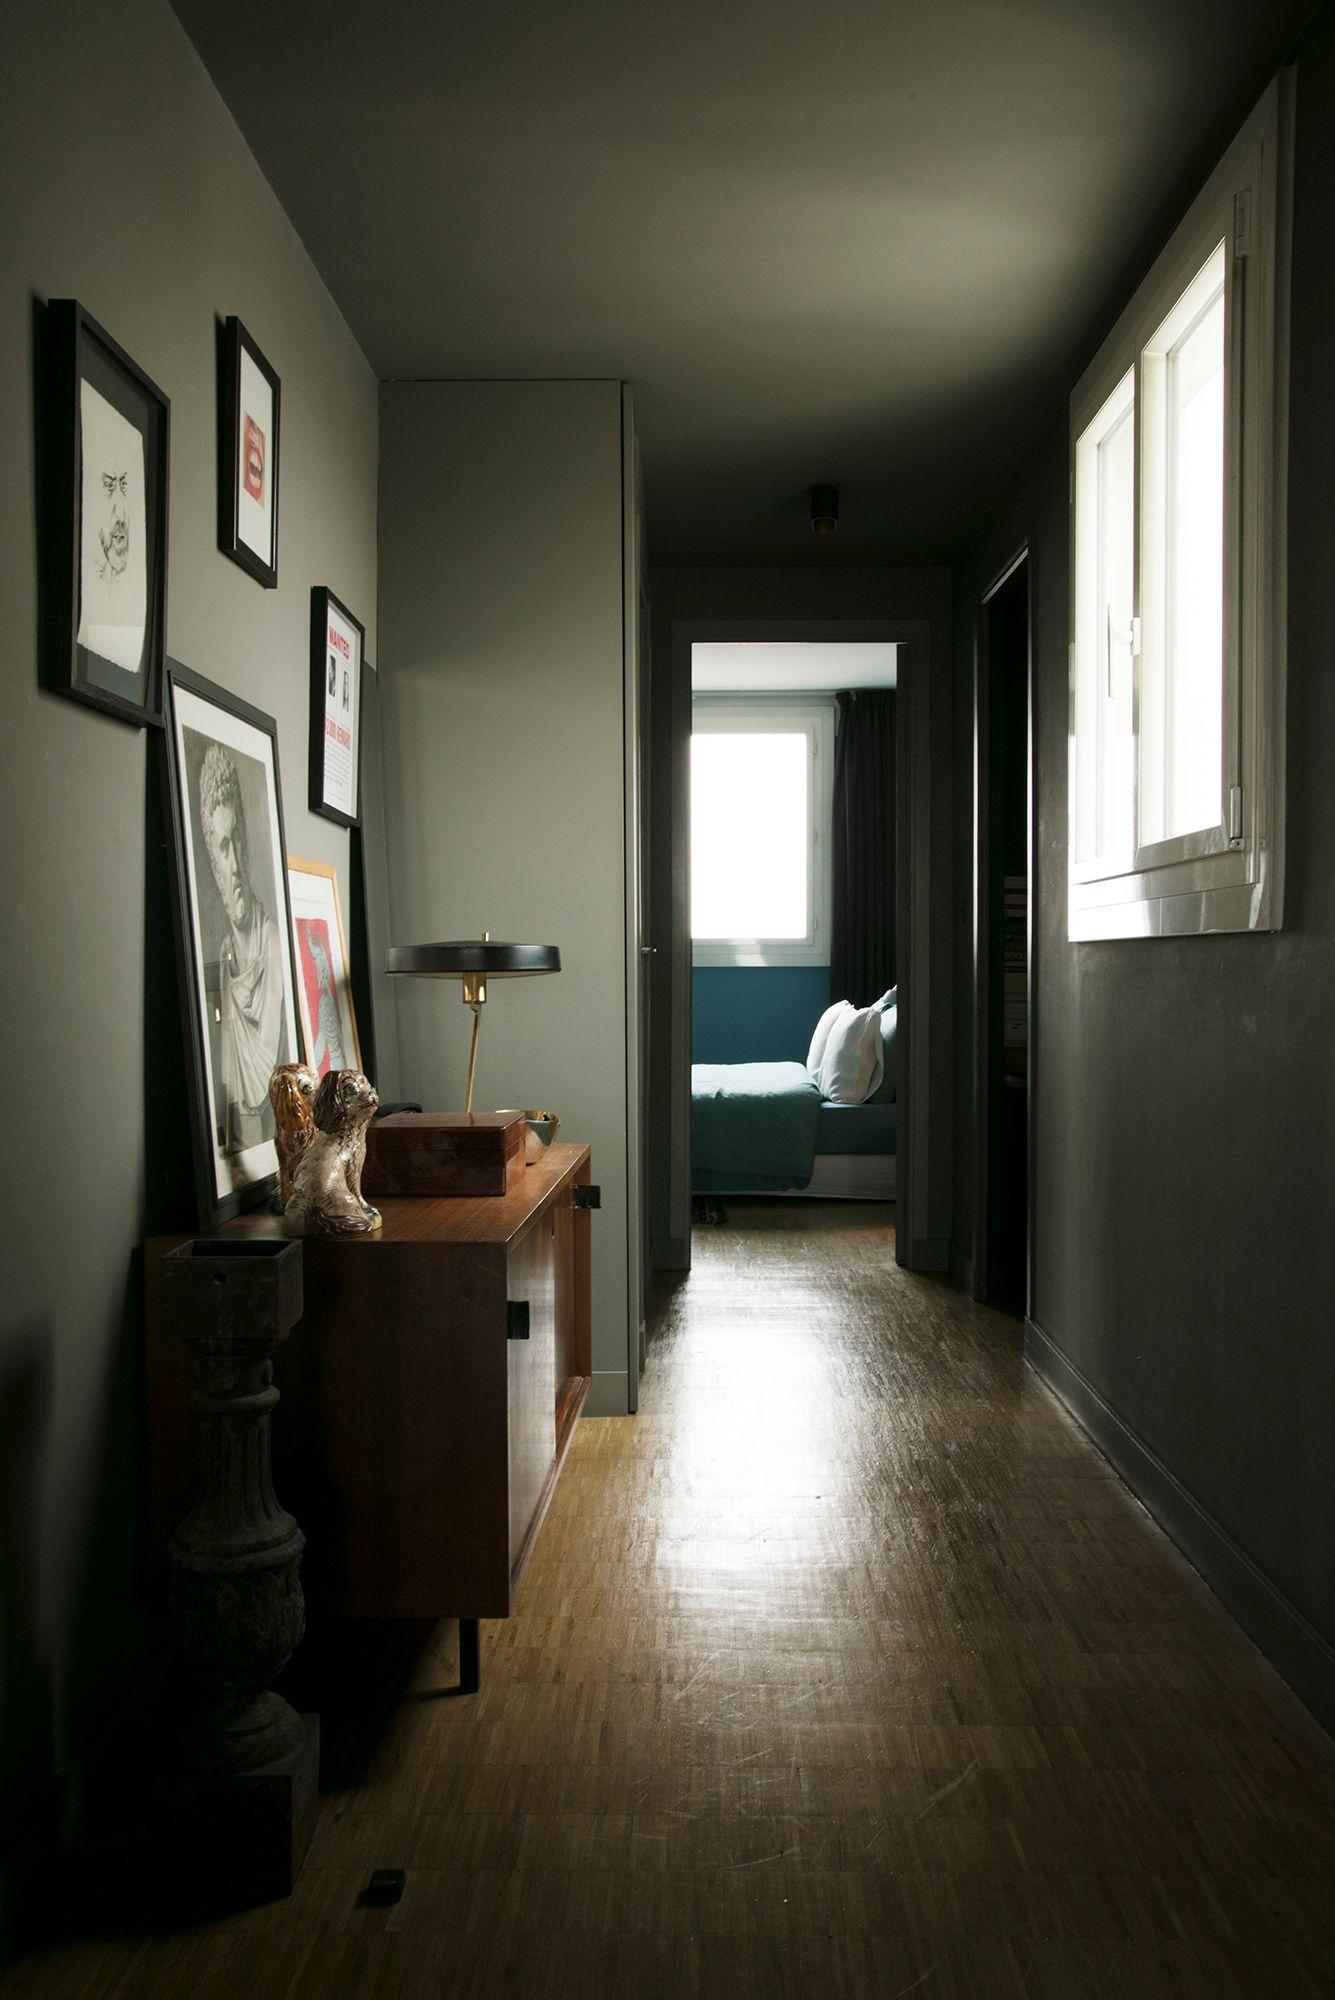 L'#appartement de Christophe Verot,  Fondateur de Robinson les Bains  #robinsonlesbains #maillots #summer #portrait #man #paris #french  #decoration #deco #parisian #flat